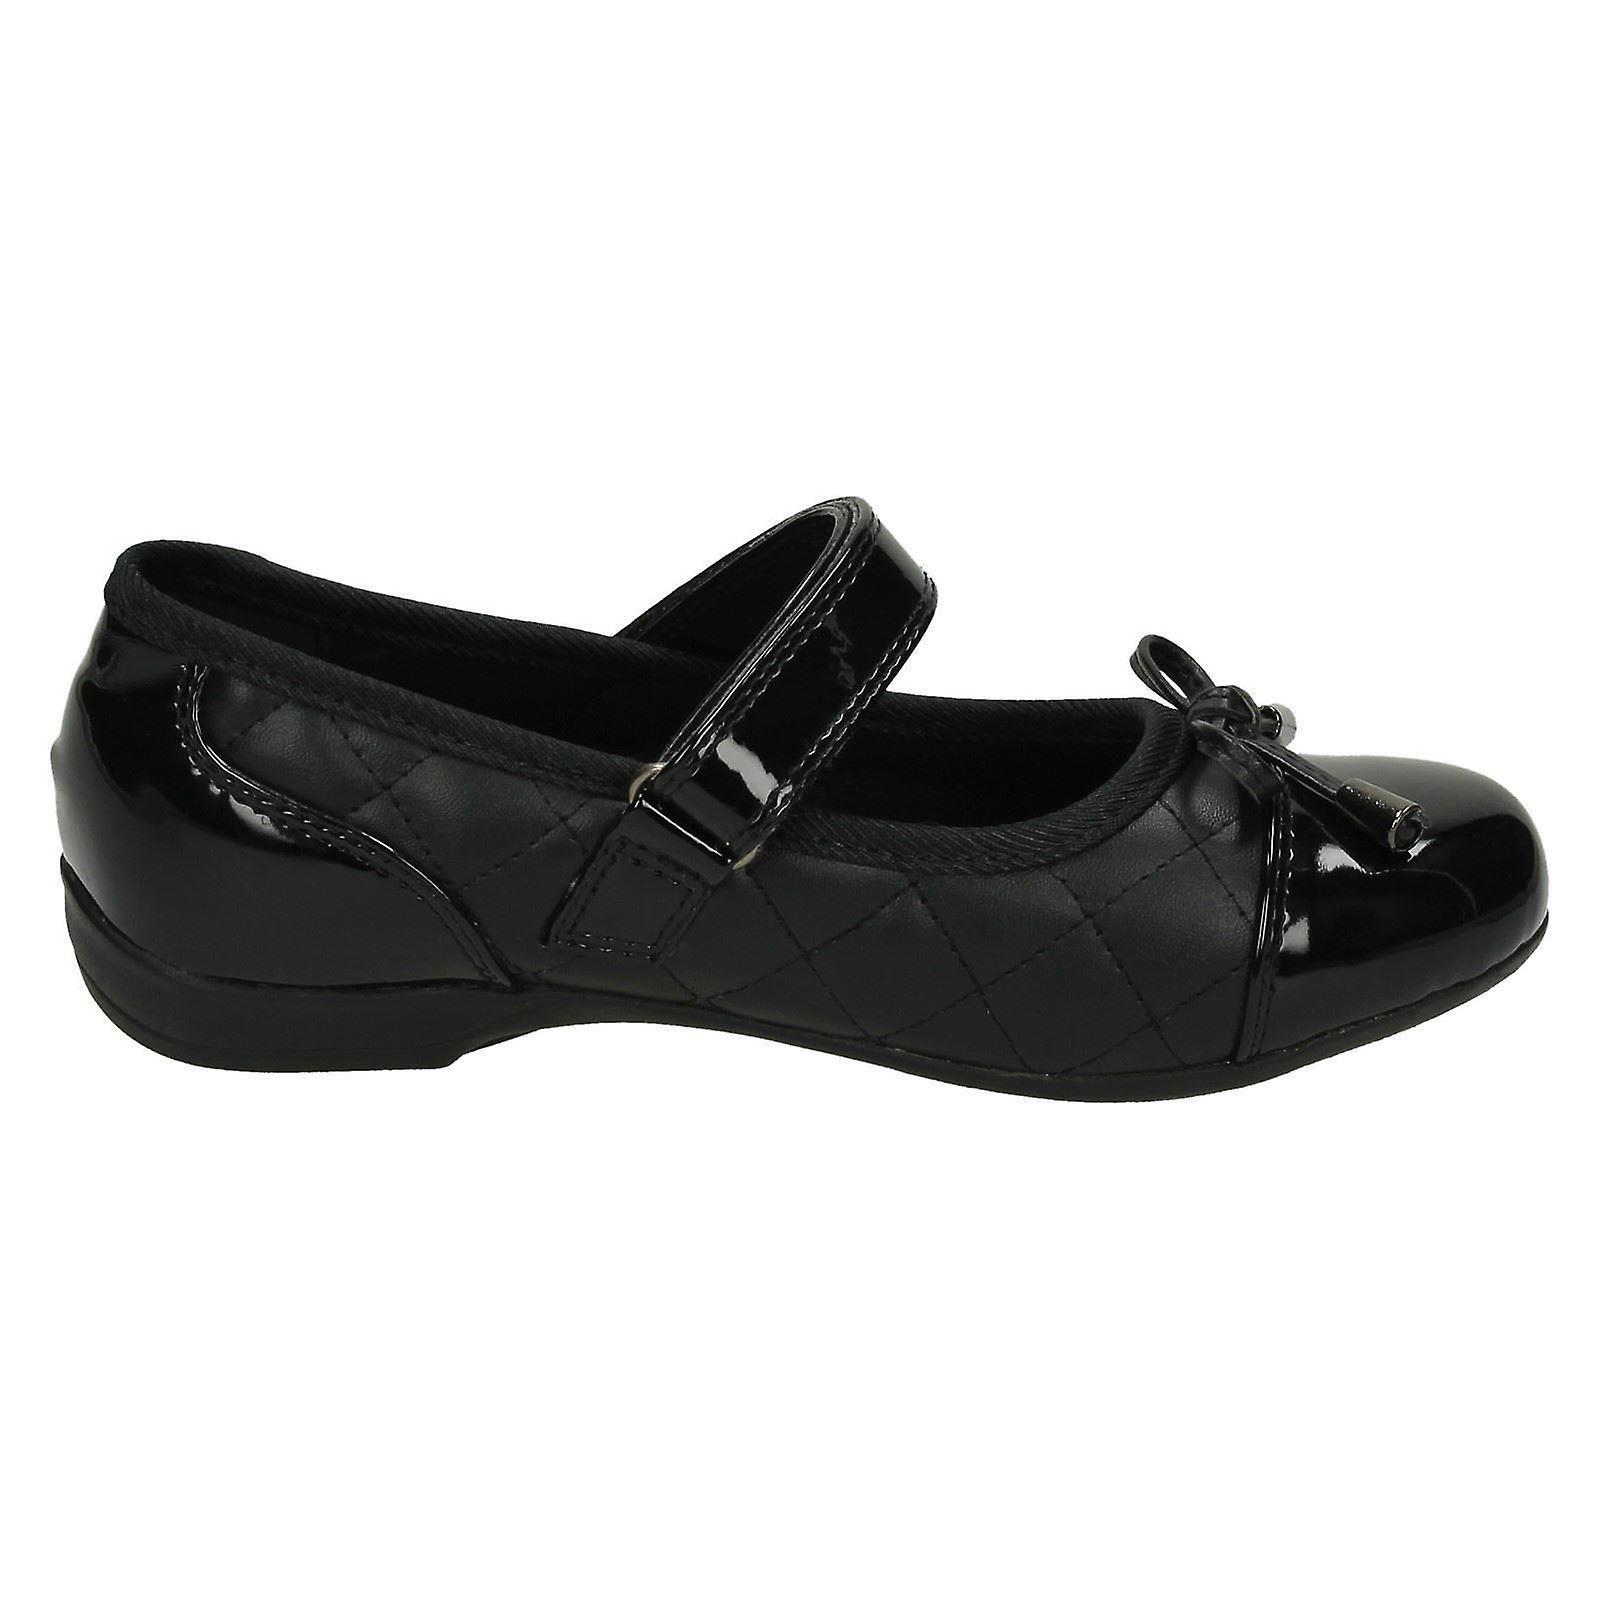 Filles Cool pour l'école matelassé Vamp école chaussures H2424 Ki87rl